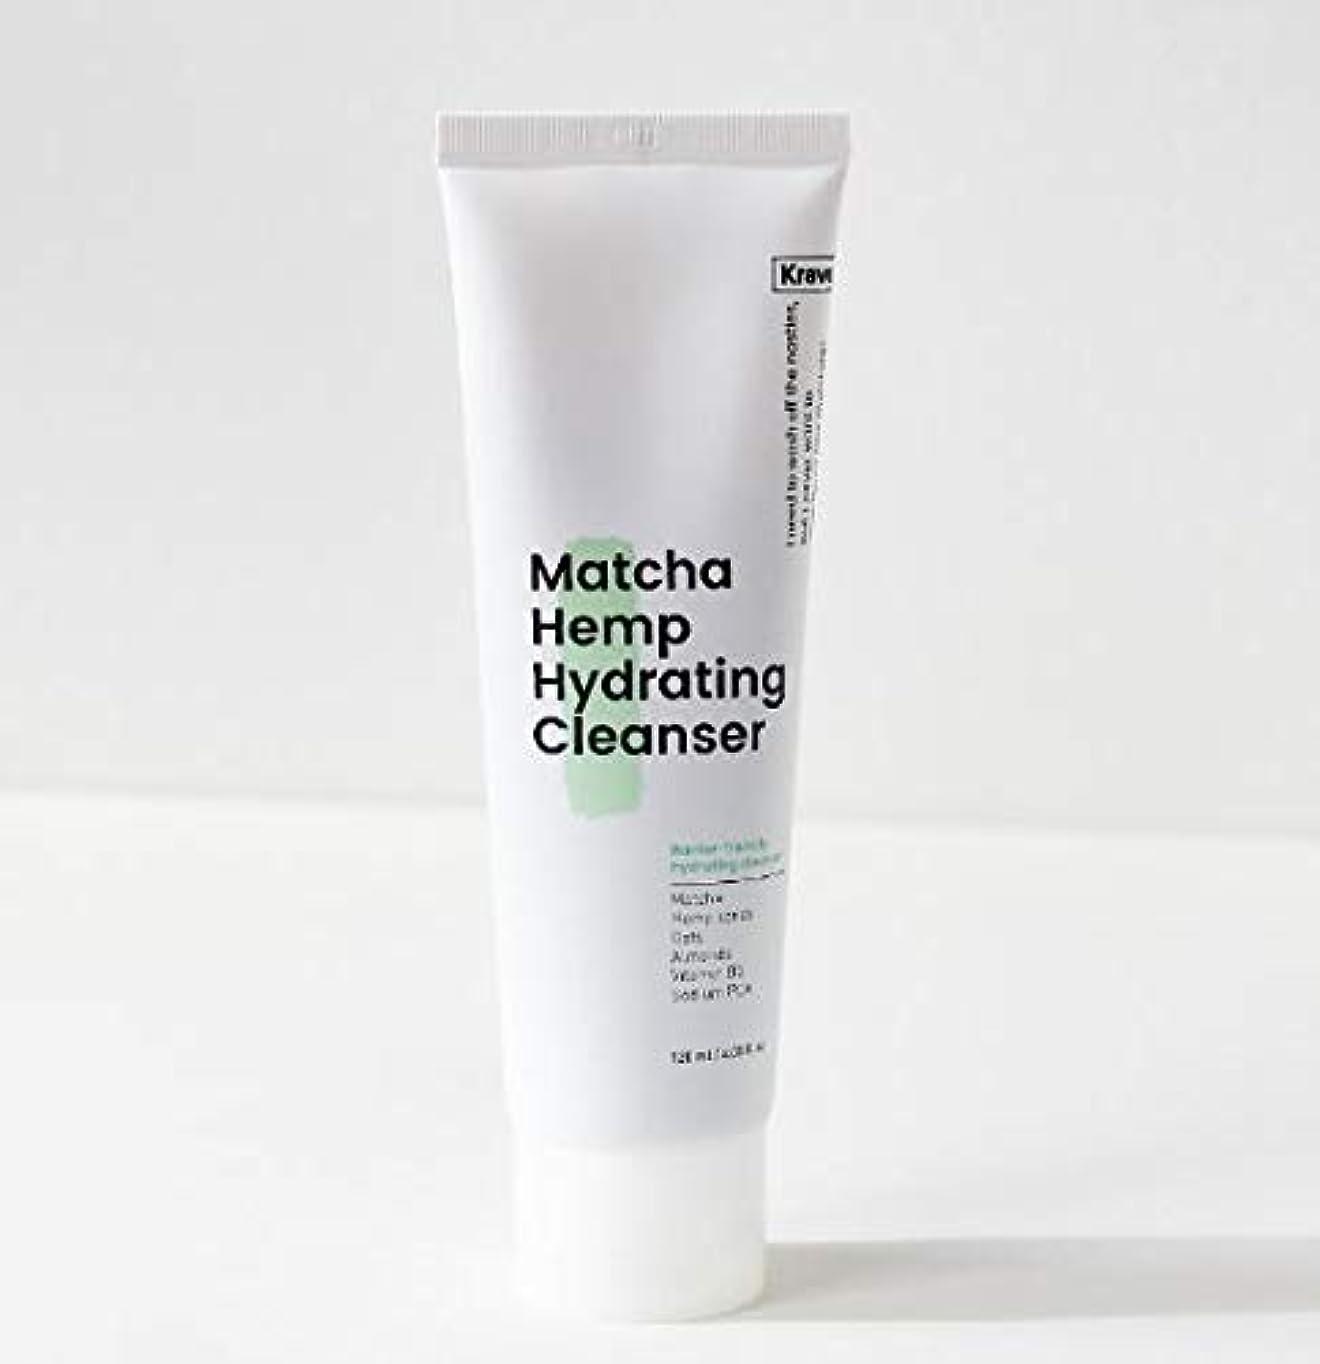 オーガニック泥棒宣教師[Krave] Matcha Hemp Hydrating Cleanser 120ml / 抹茶ハイドレイティングクレンザー120ml [並行輸入品]